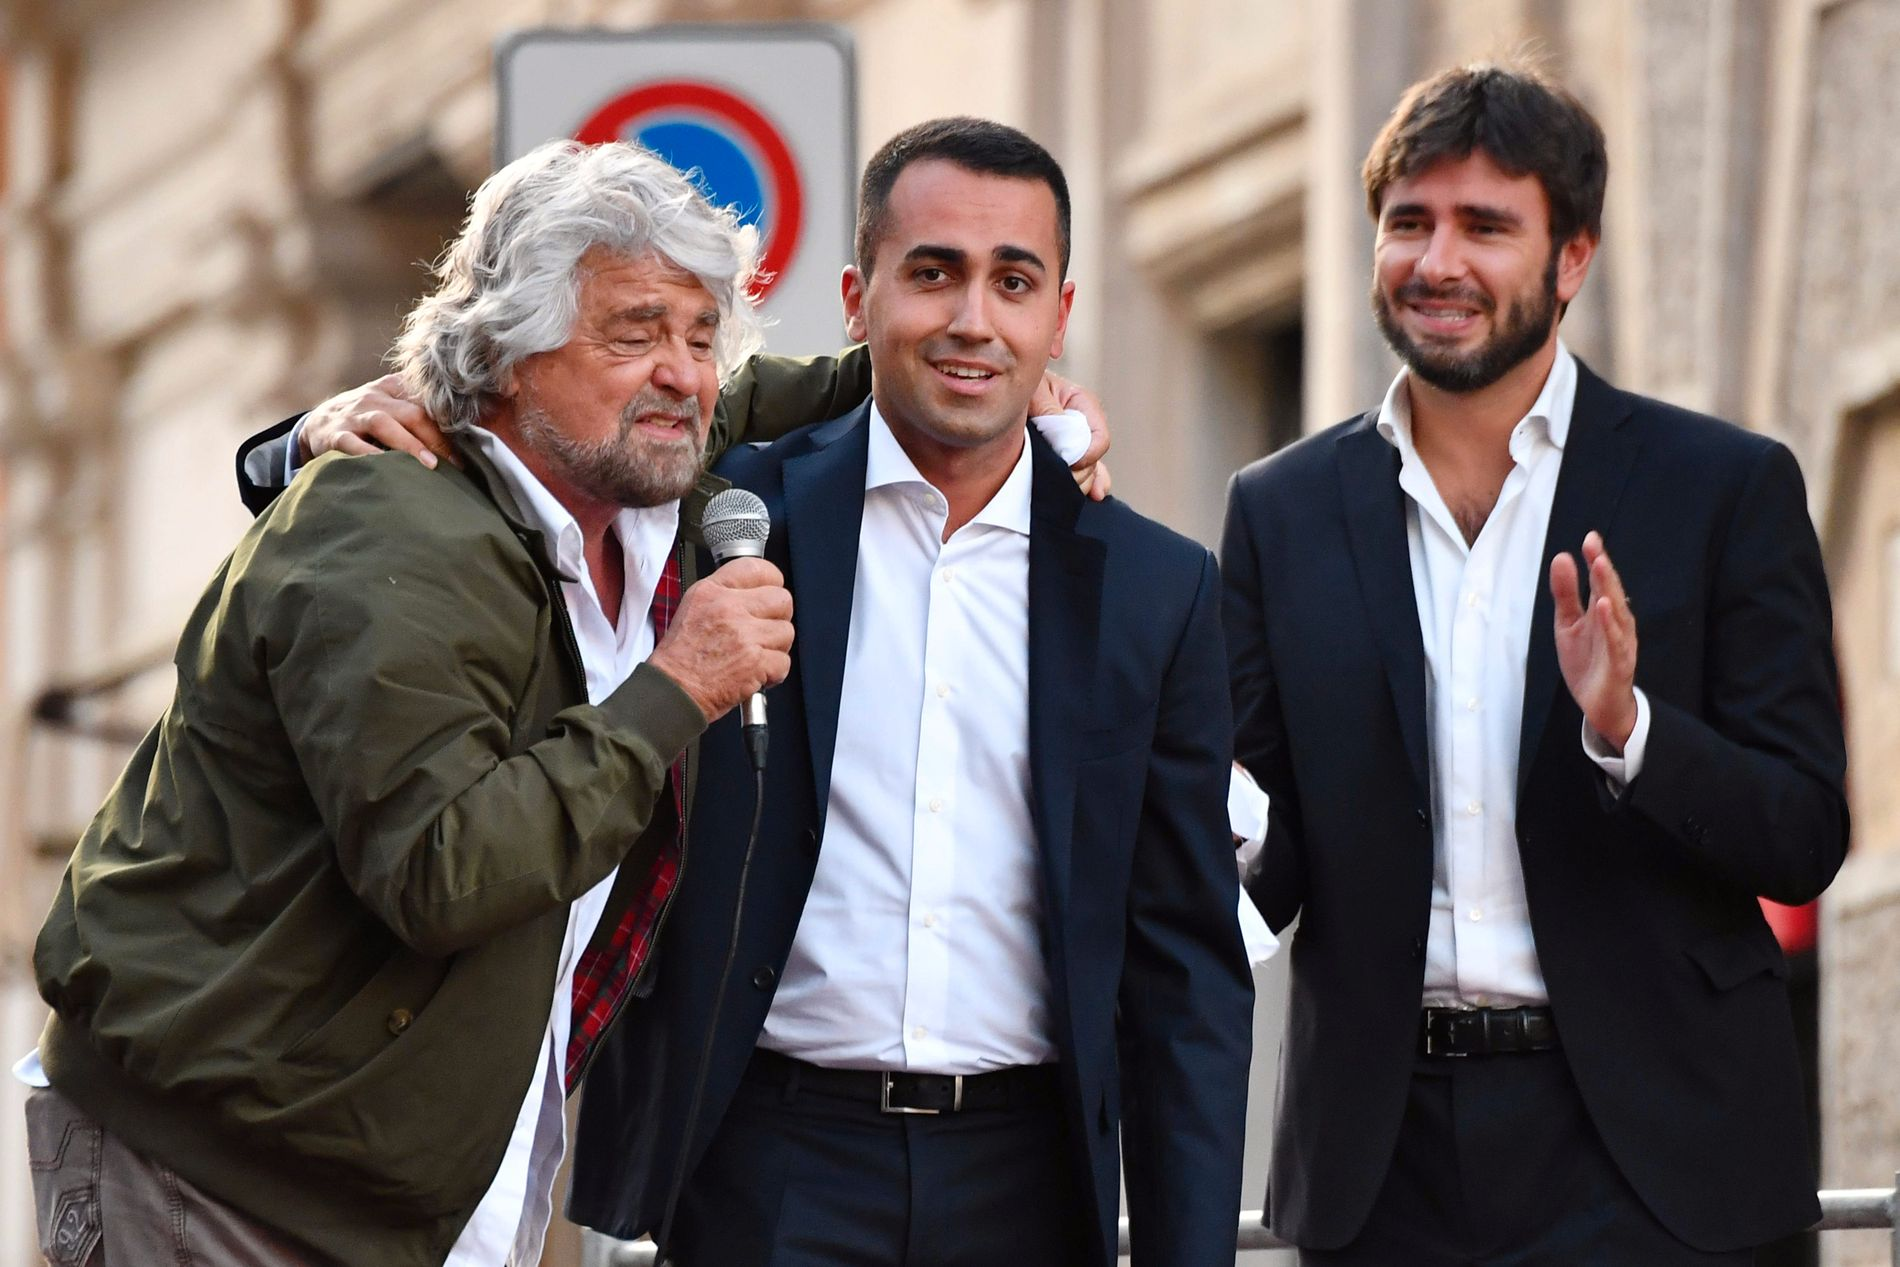 STJERNELAG: Ledelsen i den italienske  Femstjernerbevegelsen (M5S) gikk opp på et improvisert podium foran Pantheon i Roma etter at de ikke fikk lov til å demonstrere foran Senatet mot en ny valglov. F.v. partistifter og TV-komiker Beppe Grillo, statsministerkandidat Luigi Di Maio og bevegelsens nye yndling, Alessandro Di Battista.